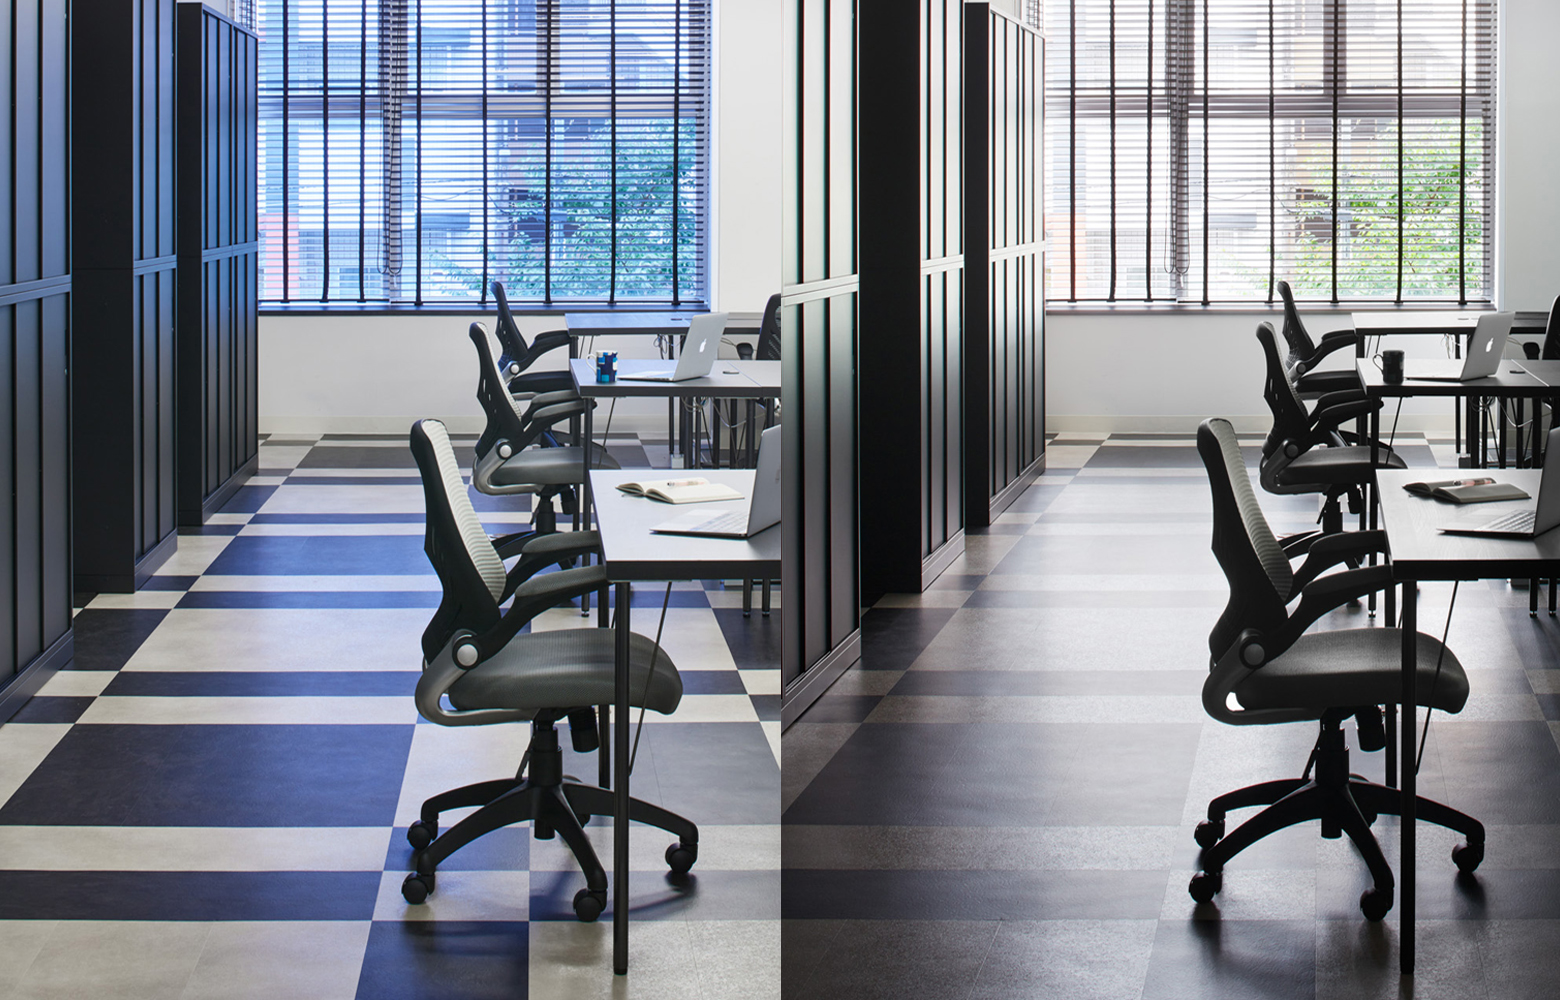 株式会社エクスプレス・エージェント Work Space_3 デザイン・レイアウト事例